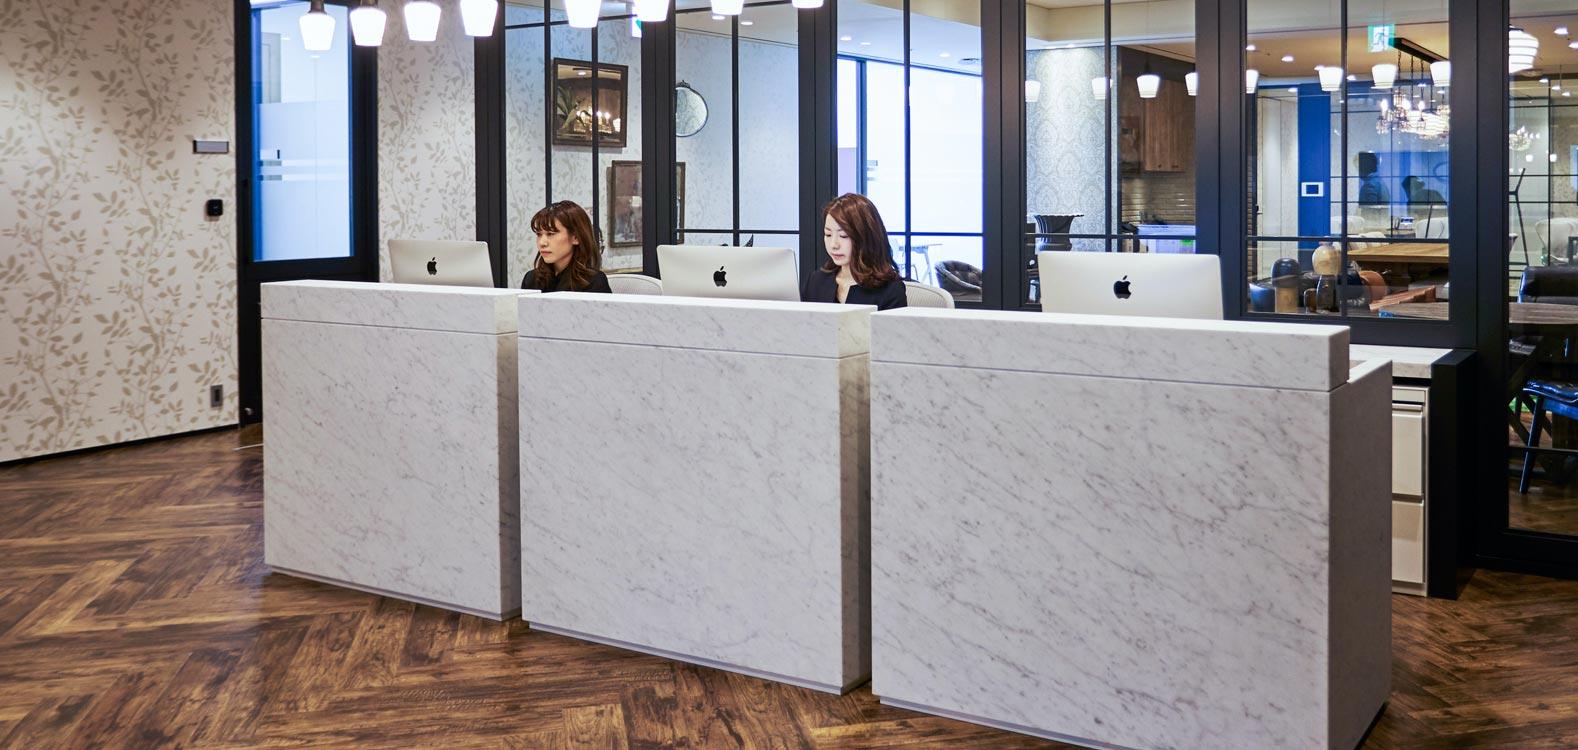 사무실 주소 임대 및 전화 응대 서비스